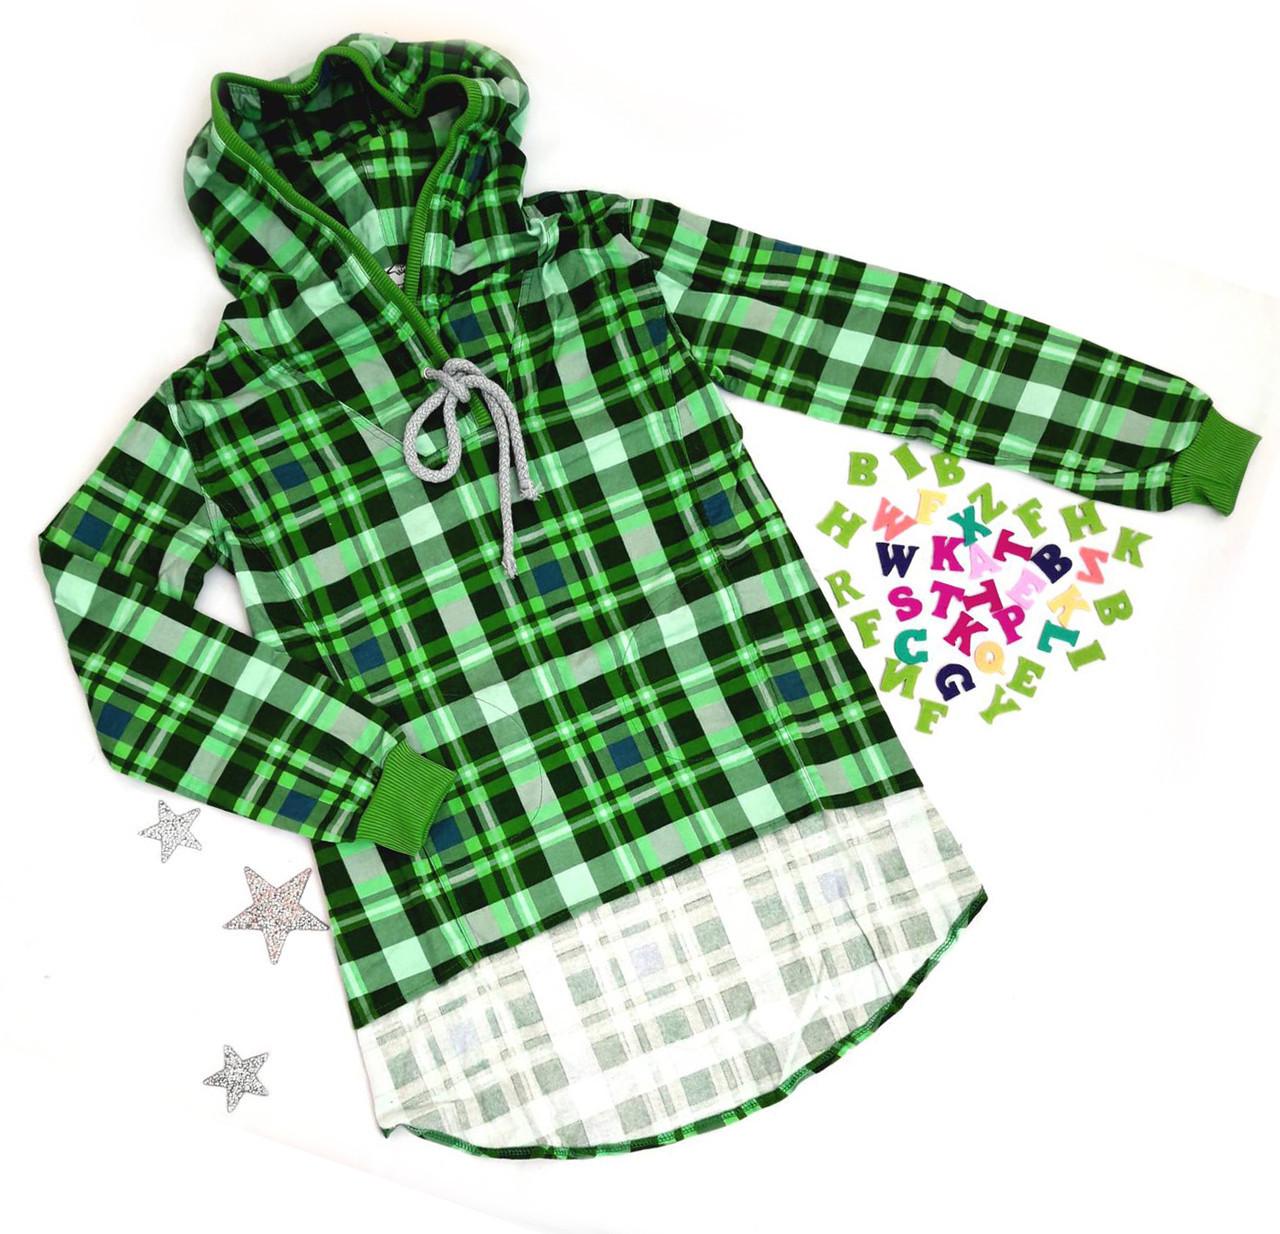 8737746e21a44 Модная детская туника-рубашка на байке р. 152-164 (полномер) зеленая ...